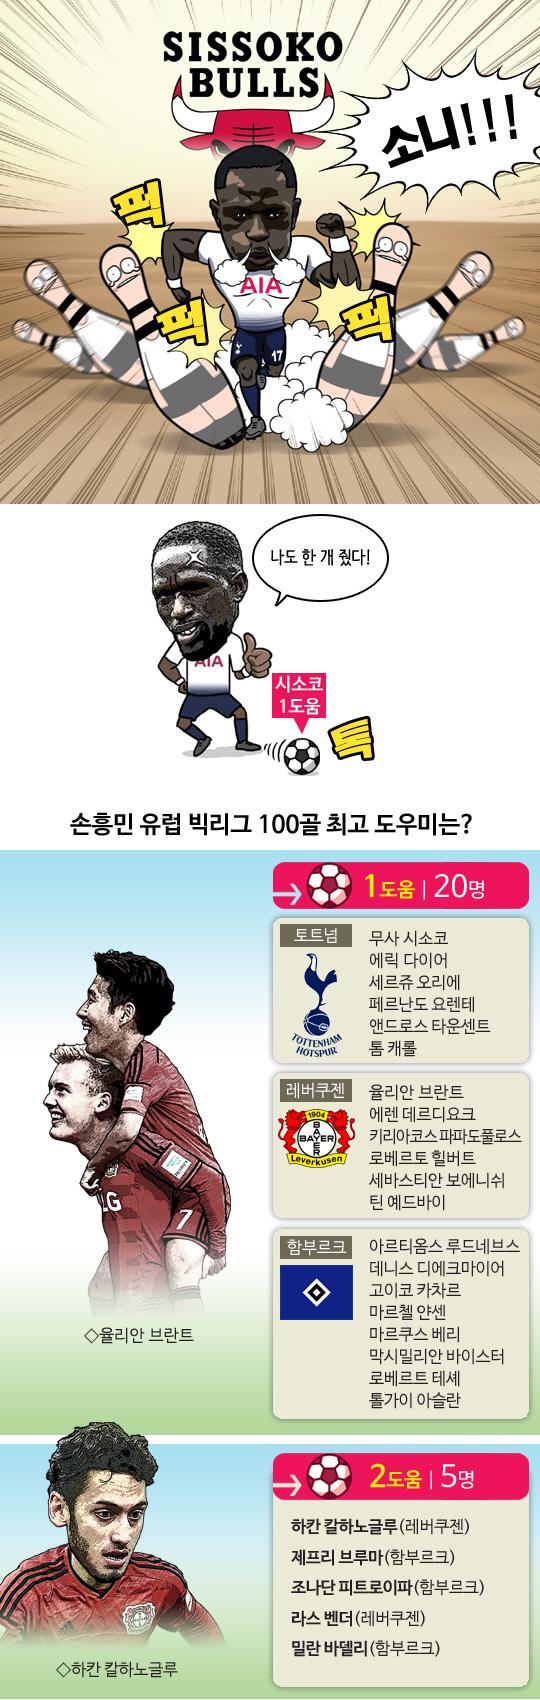 [축구.jpg] 손흥민 100골 최고 도우미는?